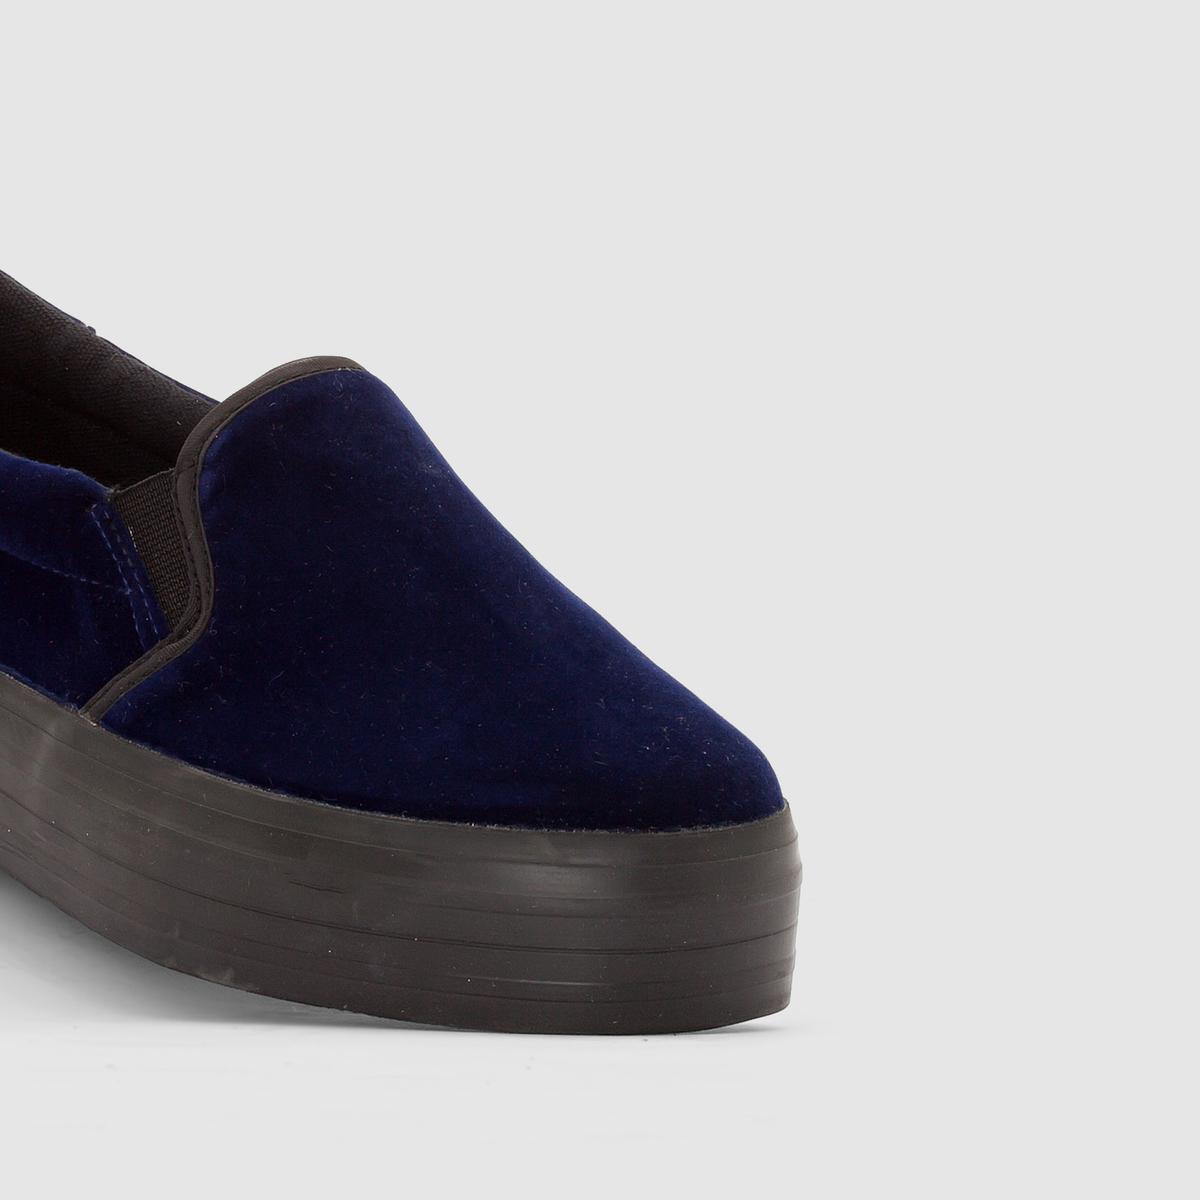 Слипоны на платформеВерх : текстильПодкладка : синтетикаСтелька : текстильПодошва : эластомерЗастежка : без застежки, эластичные вставки по бокам.Марка: R Edition. Преимущества : низкие кеды, оригинальная платформа, удобная обувь на каждый день.<br><br>Цвет: бордовый,синий морской